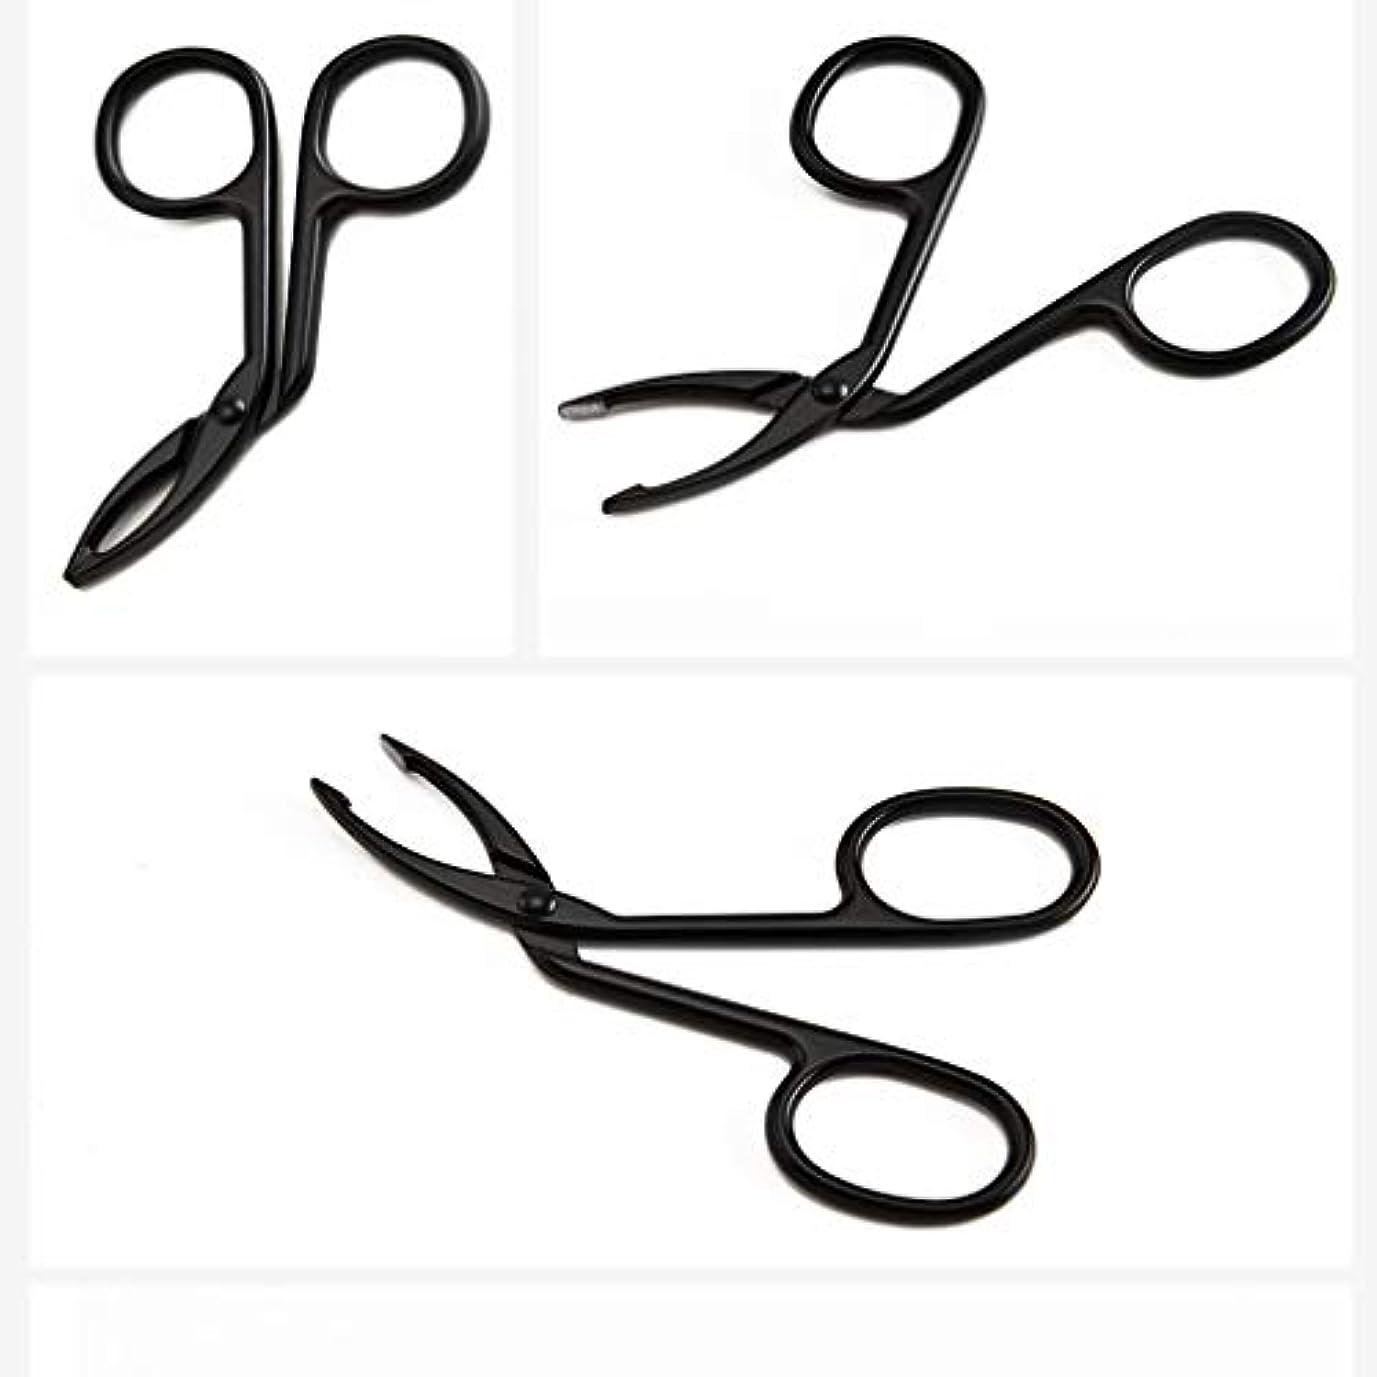 使い込む長椅子チャーミングLUXWELL(ラクスウェル)眉毛ピンセットアイブロウ ピンセットクリップ 毛抜き まゆ毛ピンセット 人気の 化粧工具 クリップ